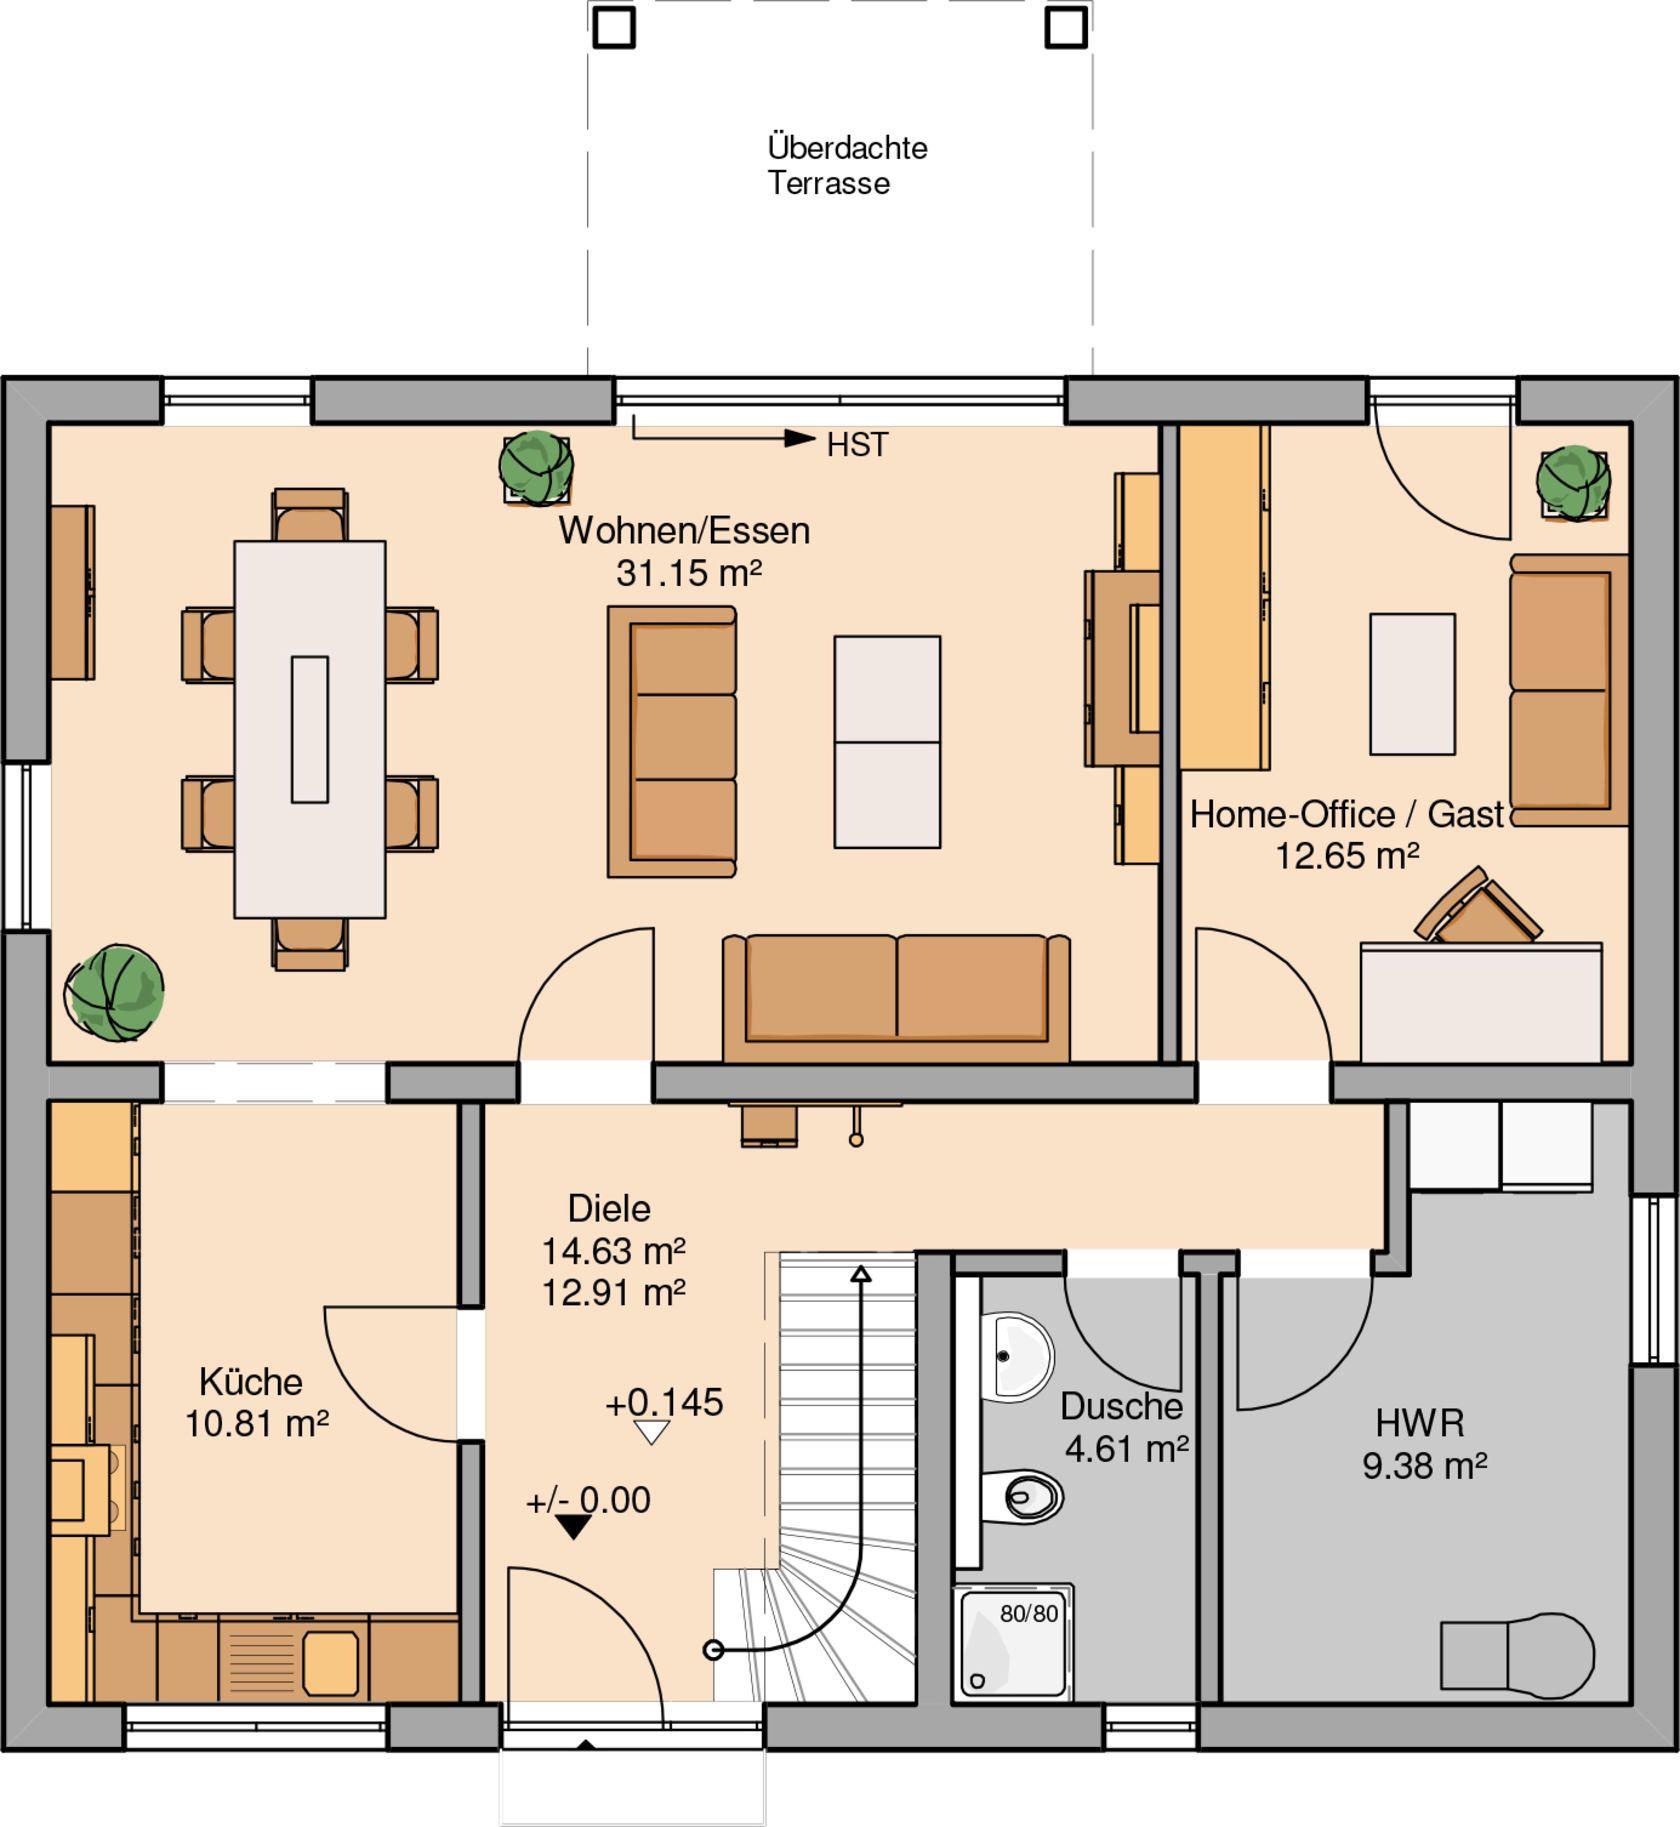 Küchenplan grundriss häuser  häuser  pinterest  haus haus grundriss und haus bauen